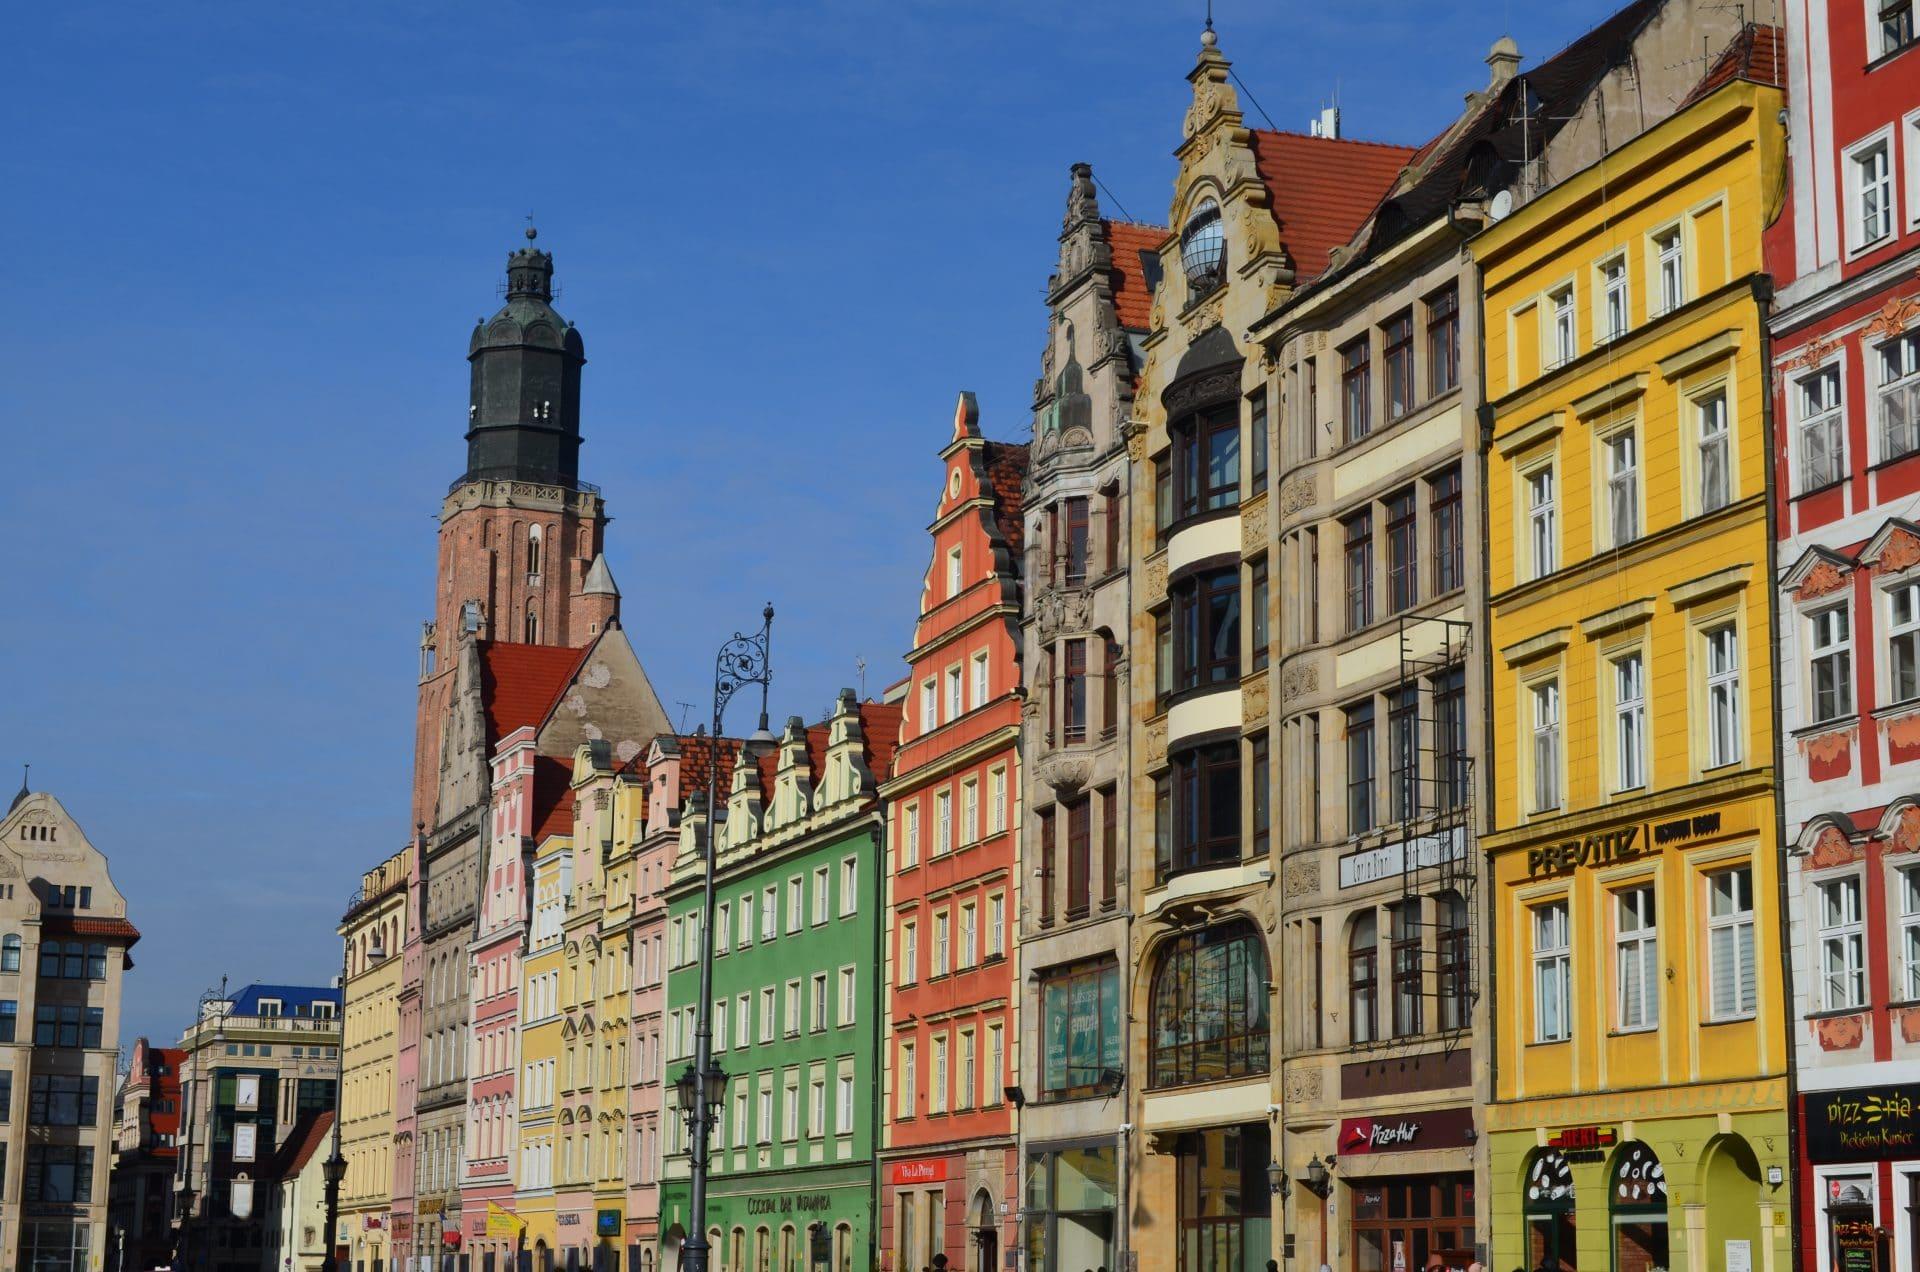 Wroclaw architecture